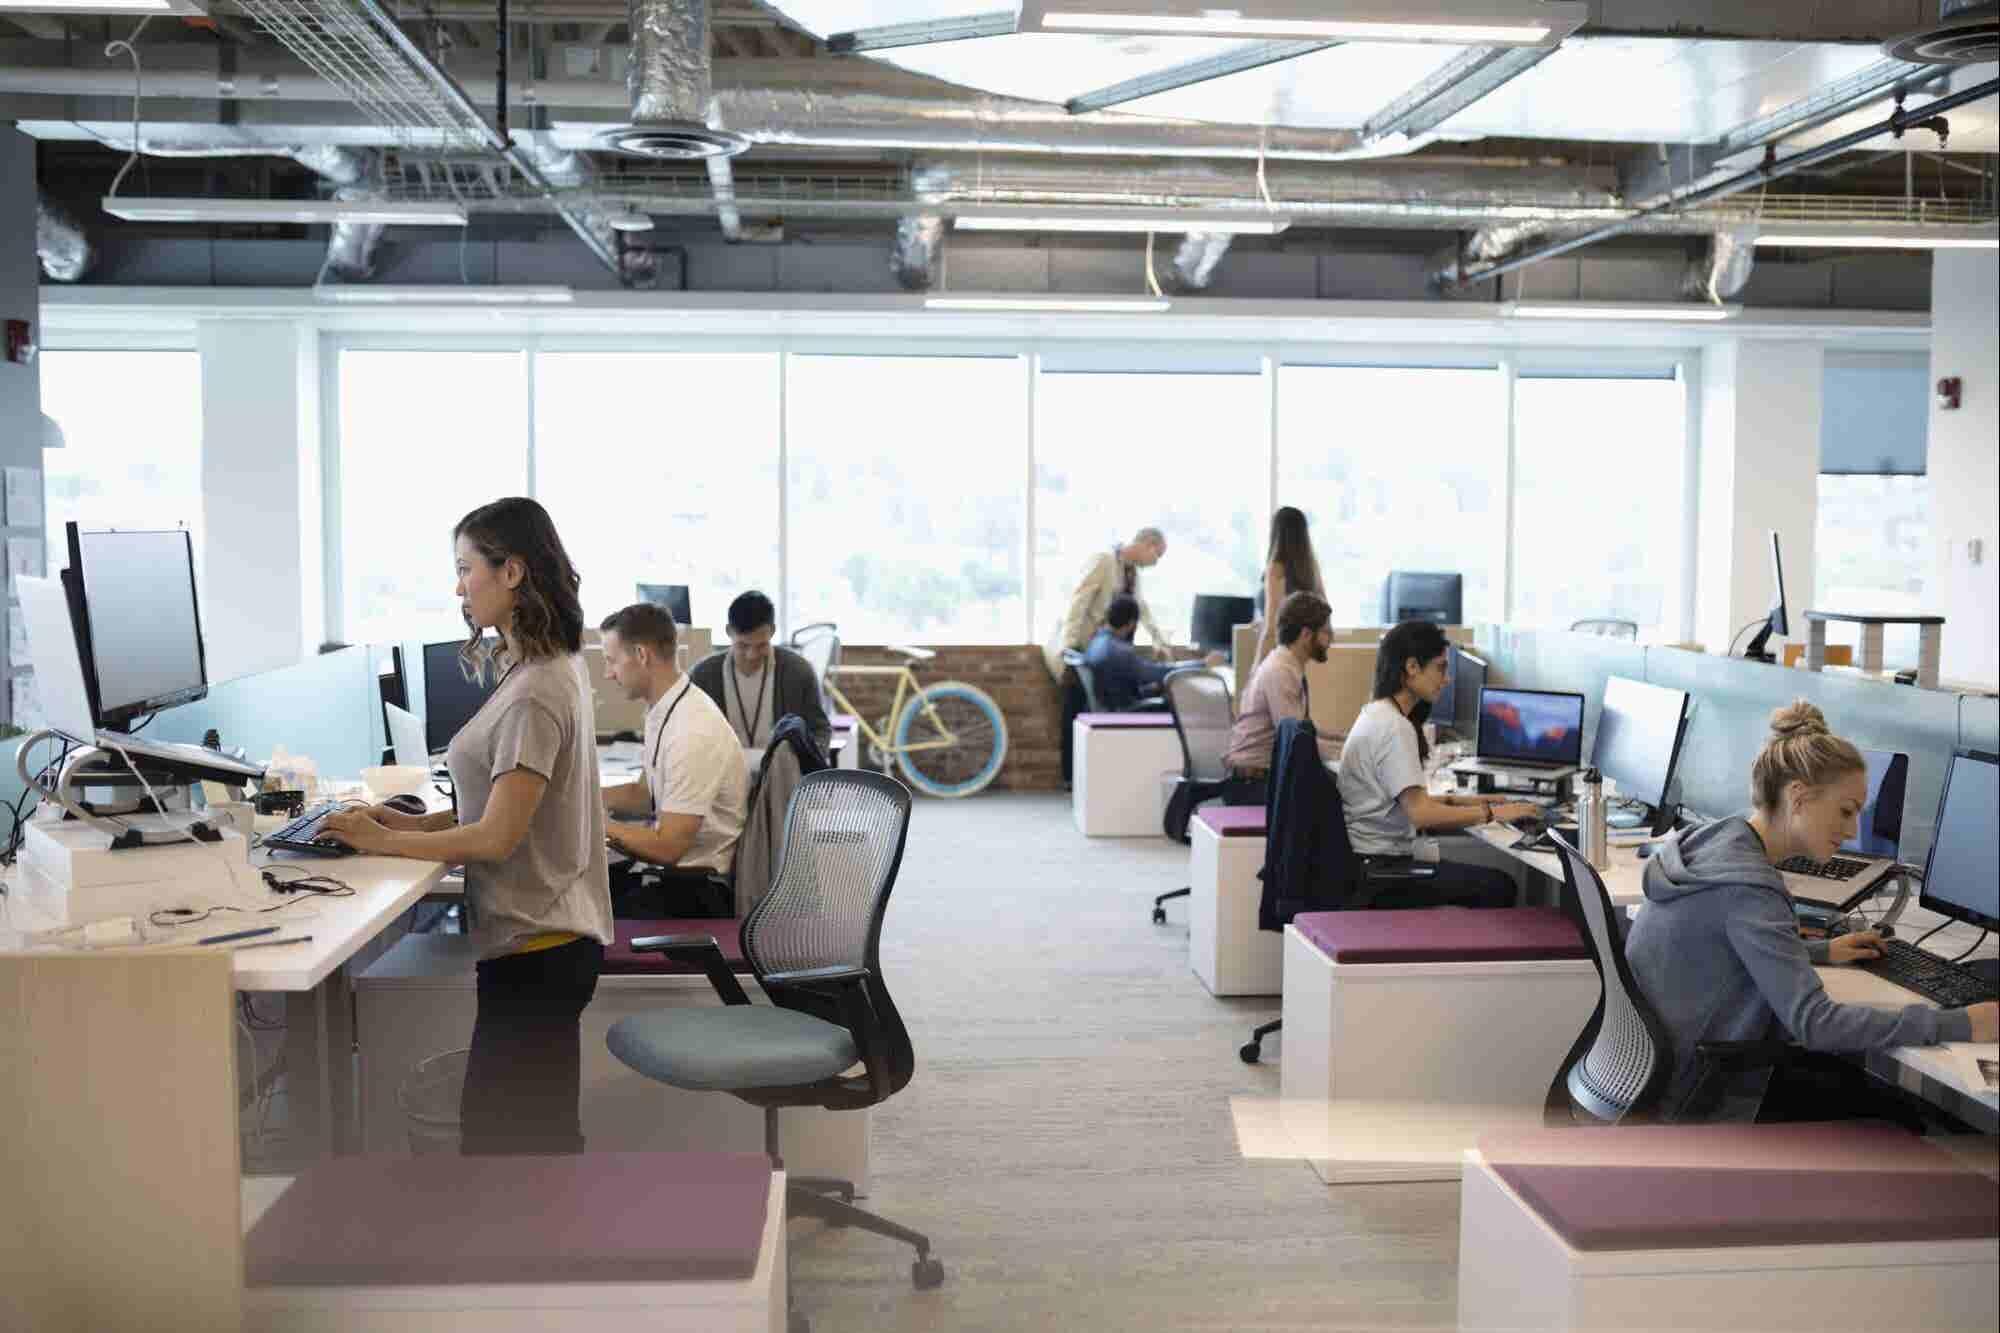 Por qué es hora de abandonar los diseños de oficinas abiertas